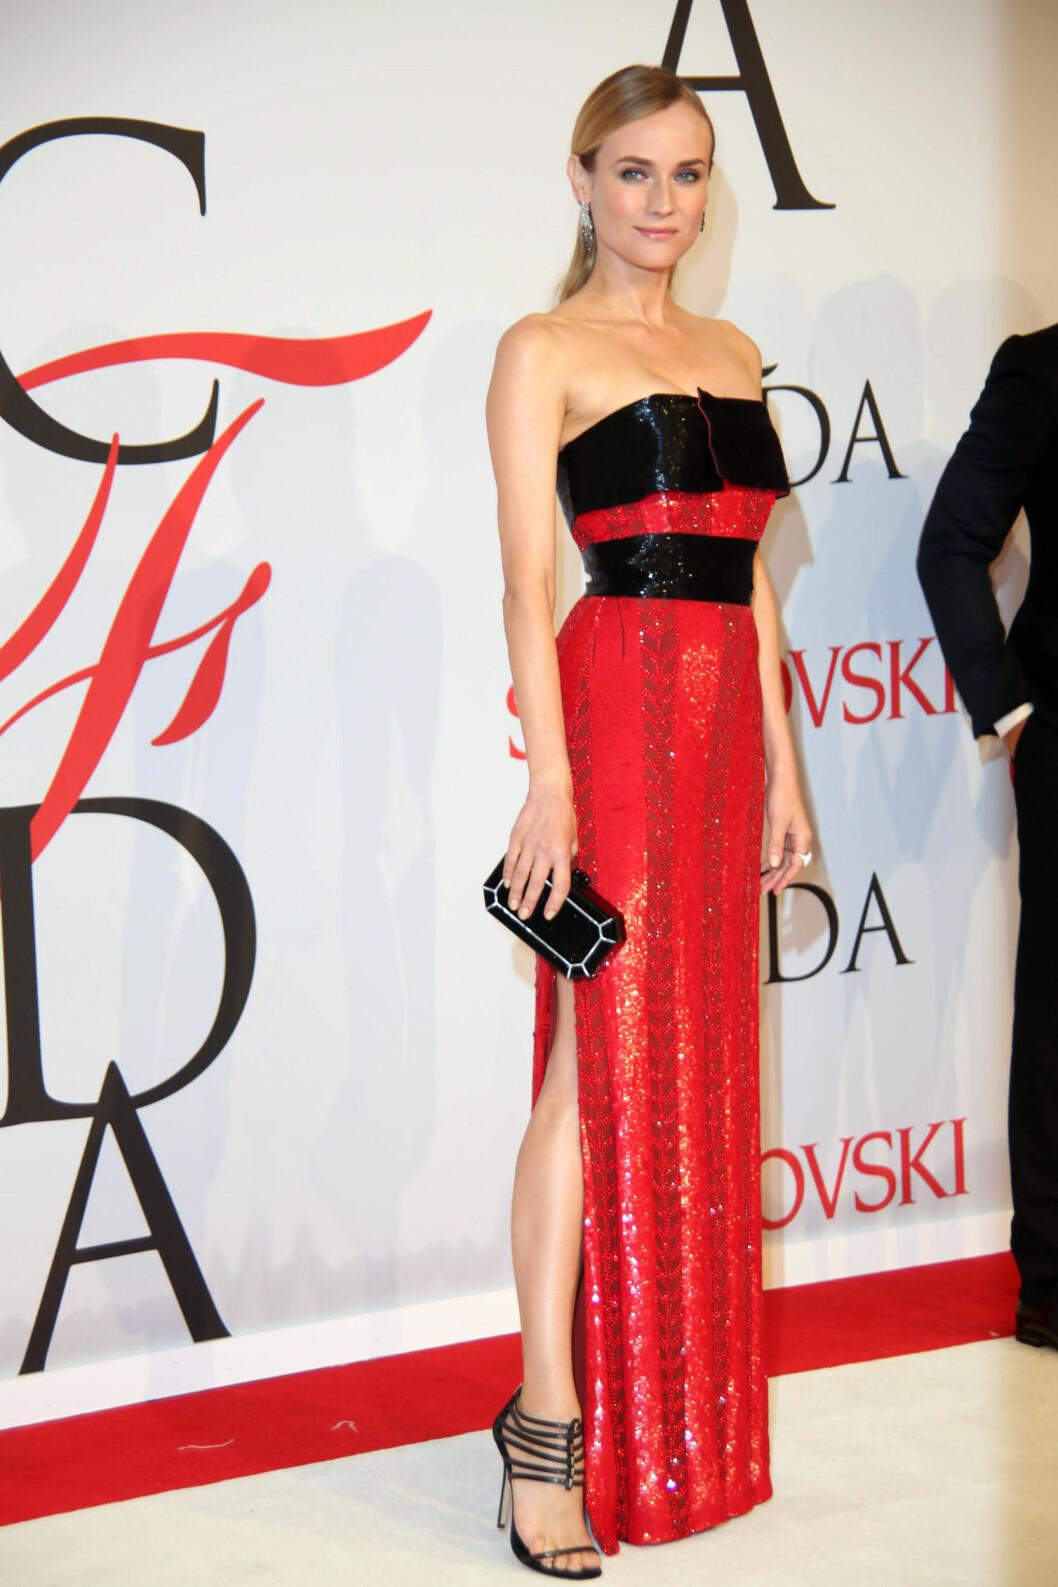 RØDT OG SORT: Diane Kruger (38) i kjole med høy splitt. Foto: Zuma Press